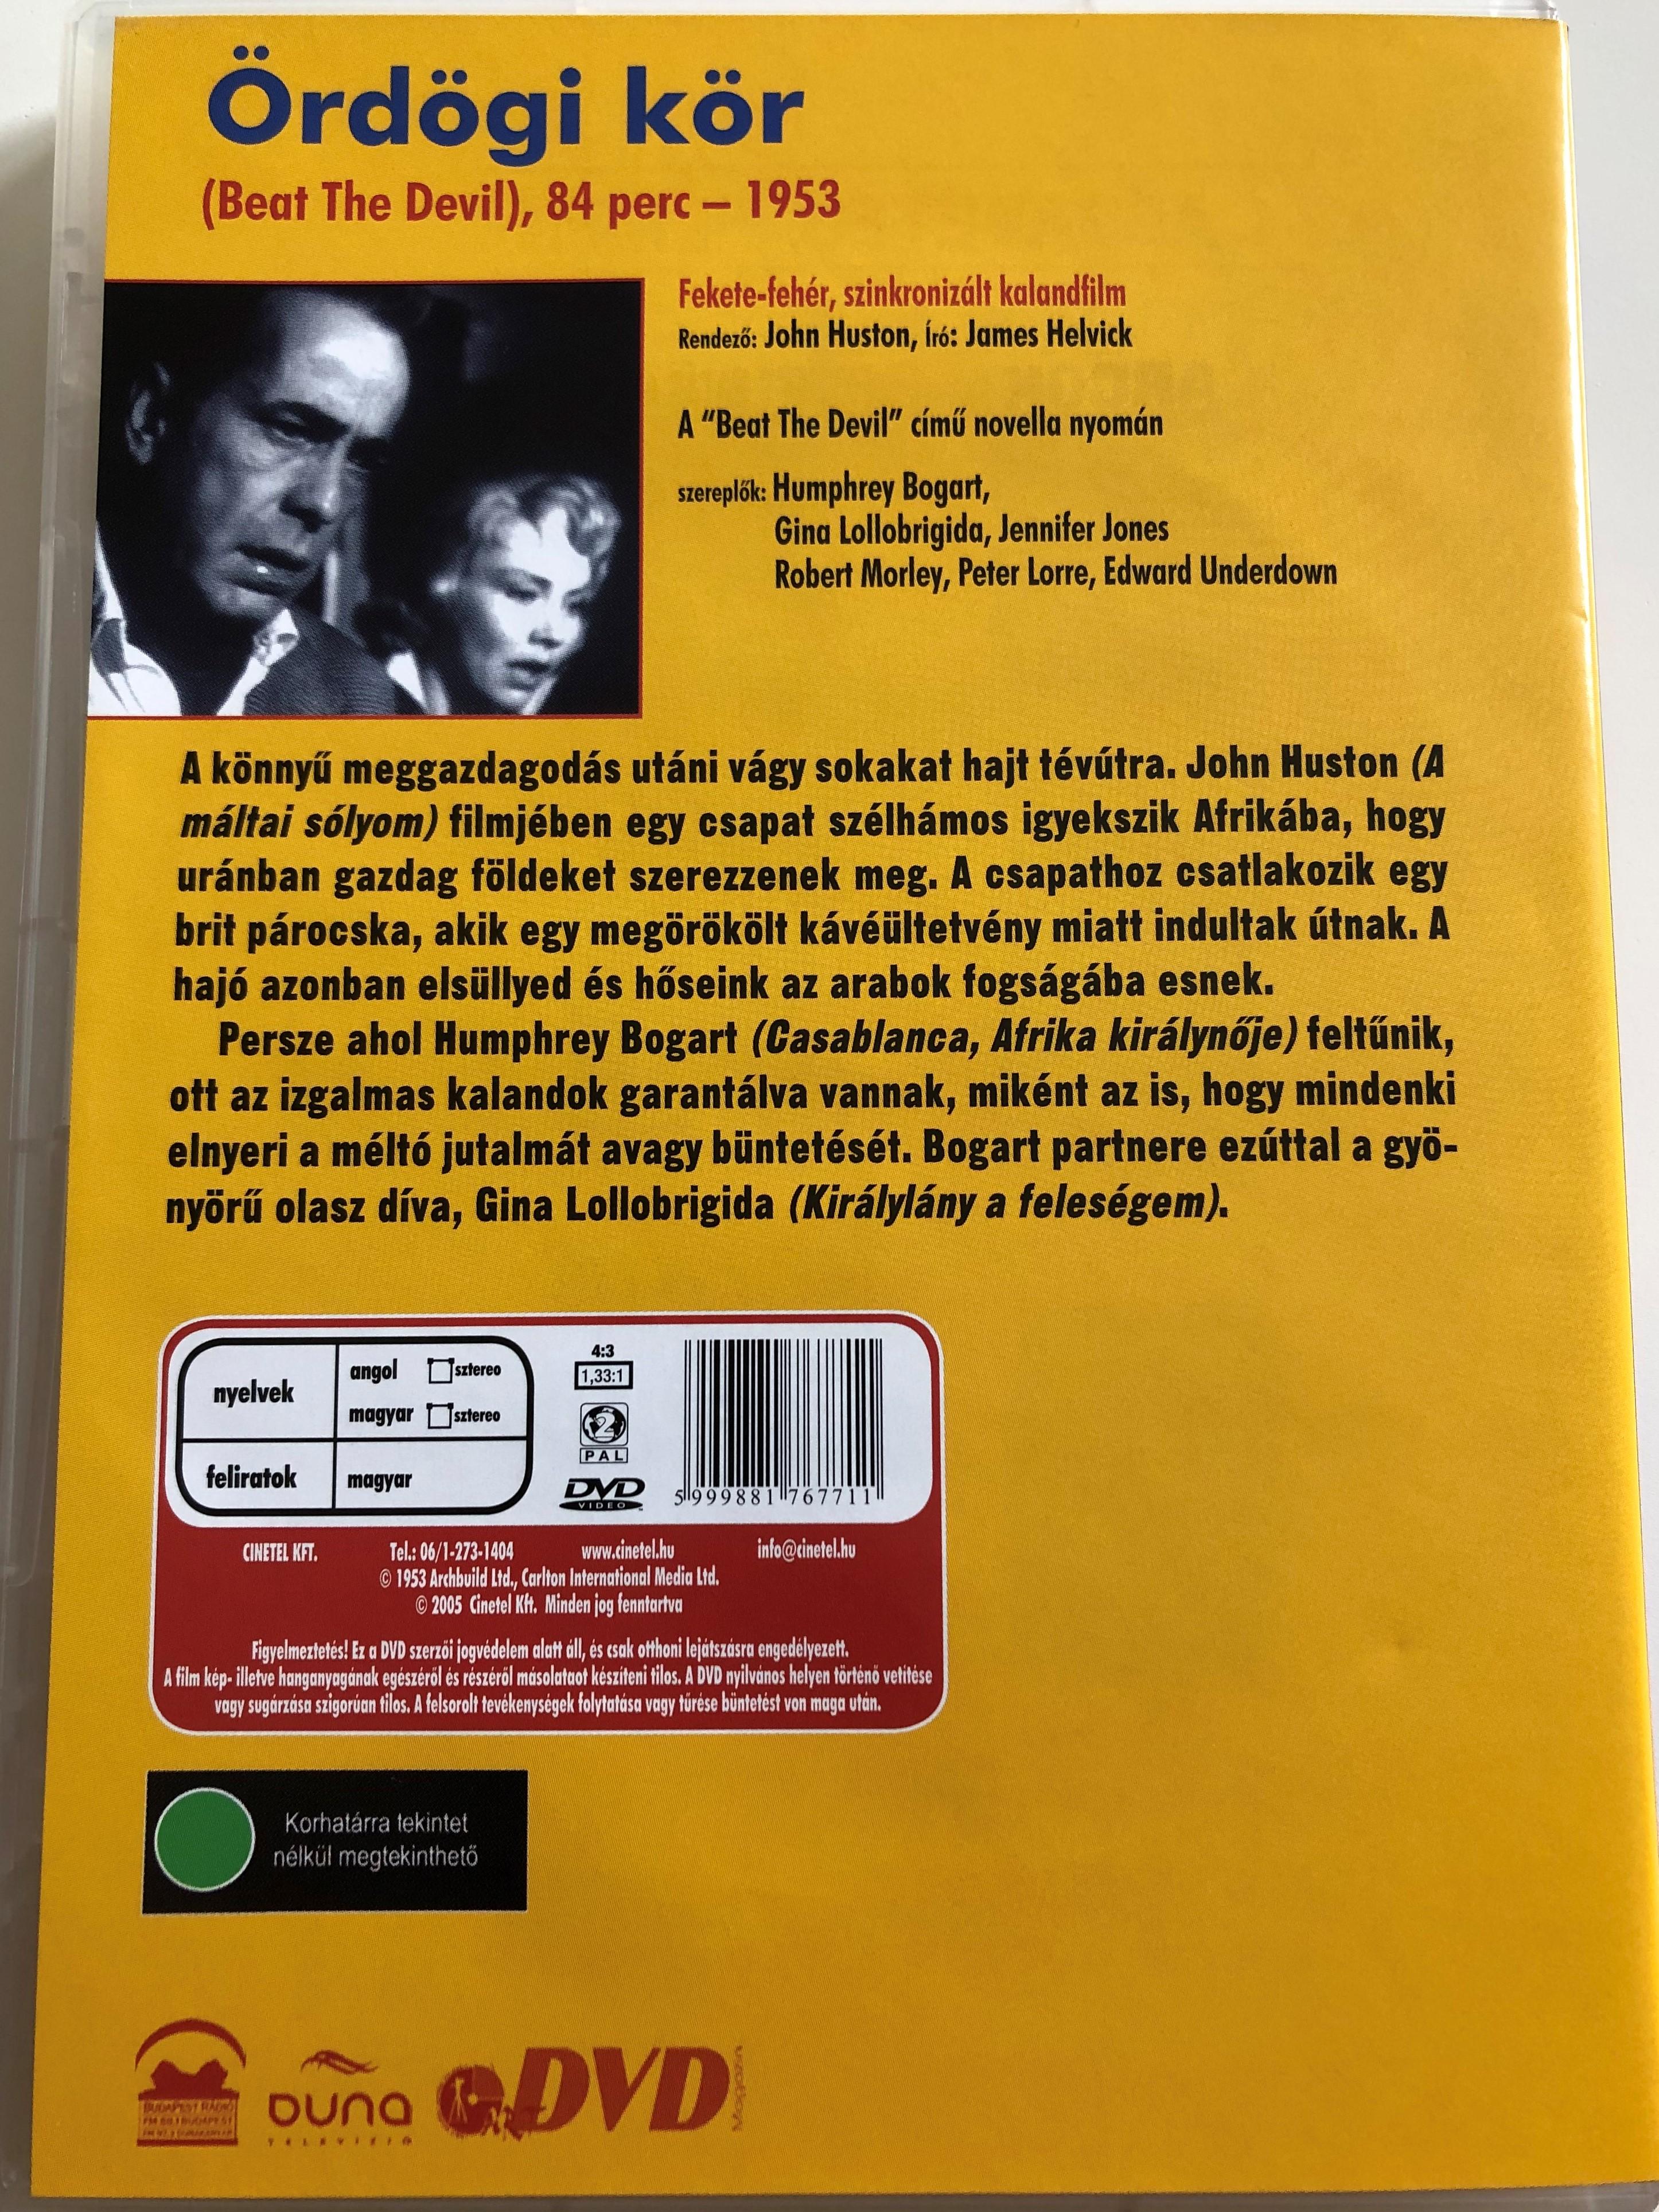 beat-the-devil-dvd-1953-rd-gi-k-r-directed-by-john-huston-2.jpg